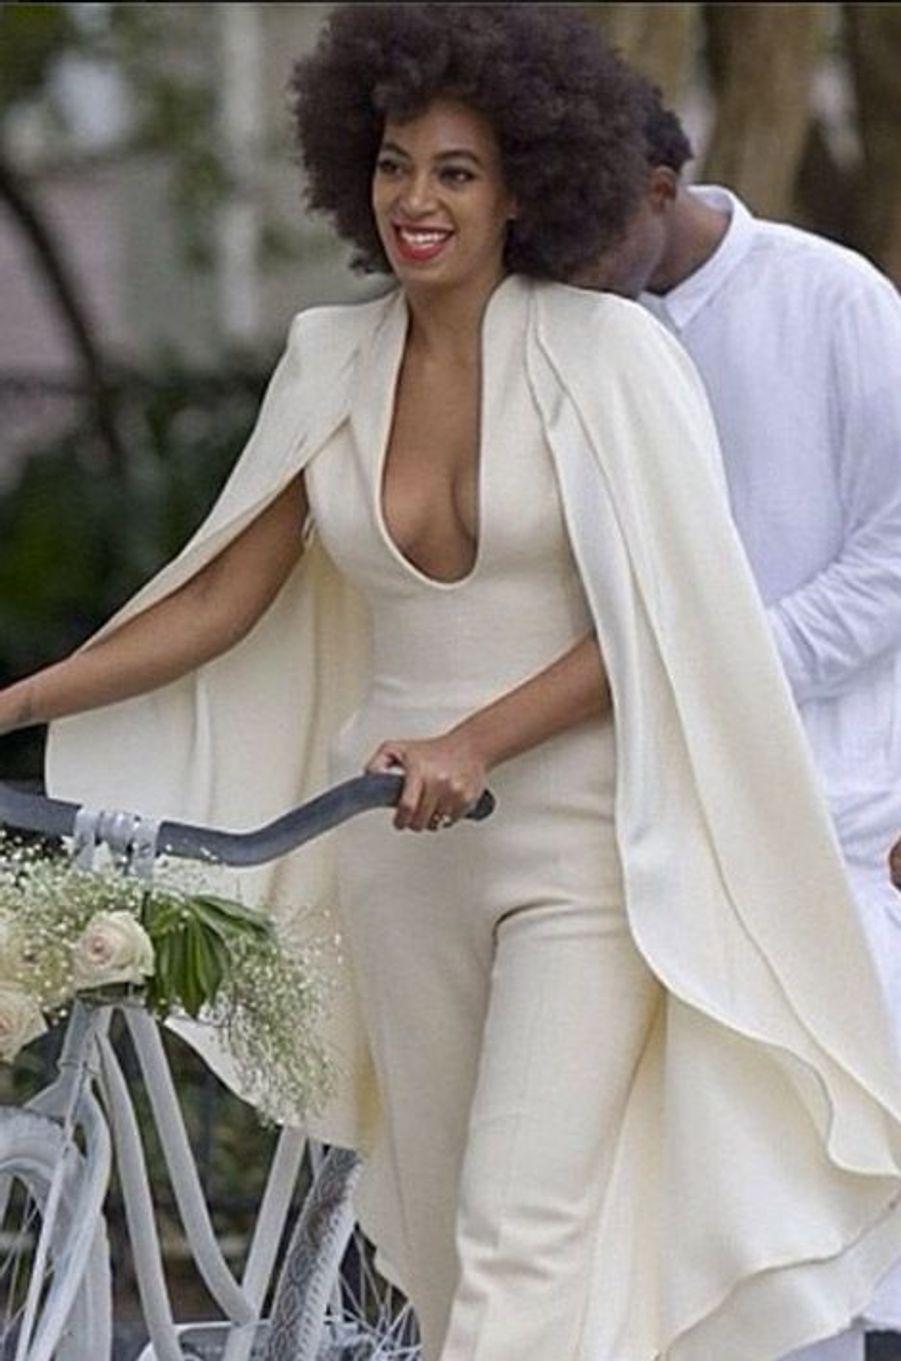 La chanteuse et soeur de Beyoncé, Solange Knowles, lors de son mariage à la Nouvelle Orléans, le 16 novembre 2014